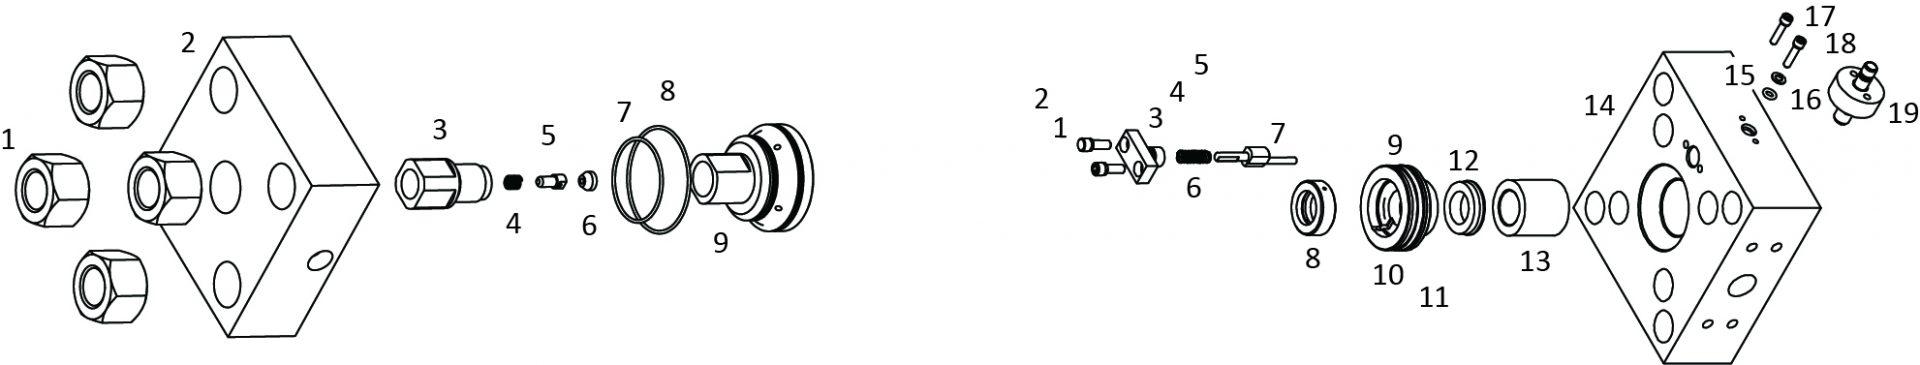 composant pompe accustream2 - Pièces détachées pompes ACCUSTREAM